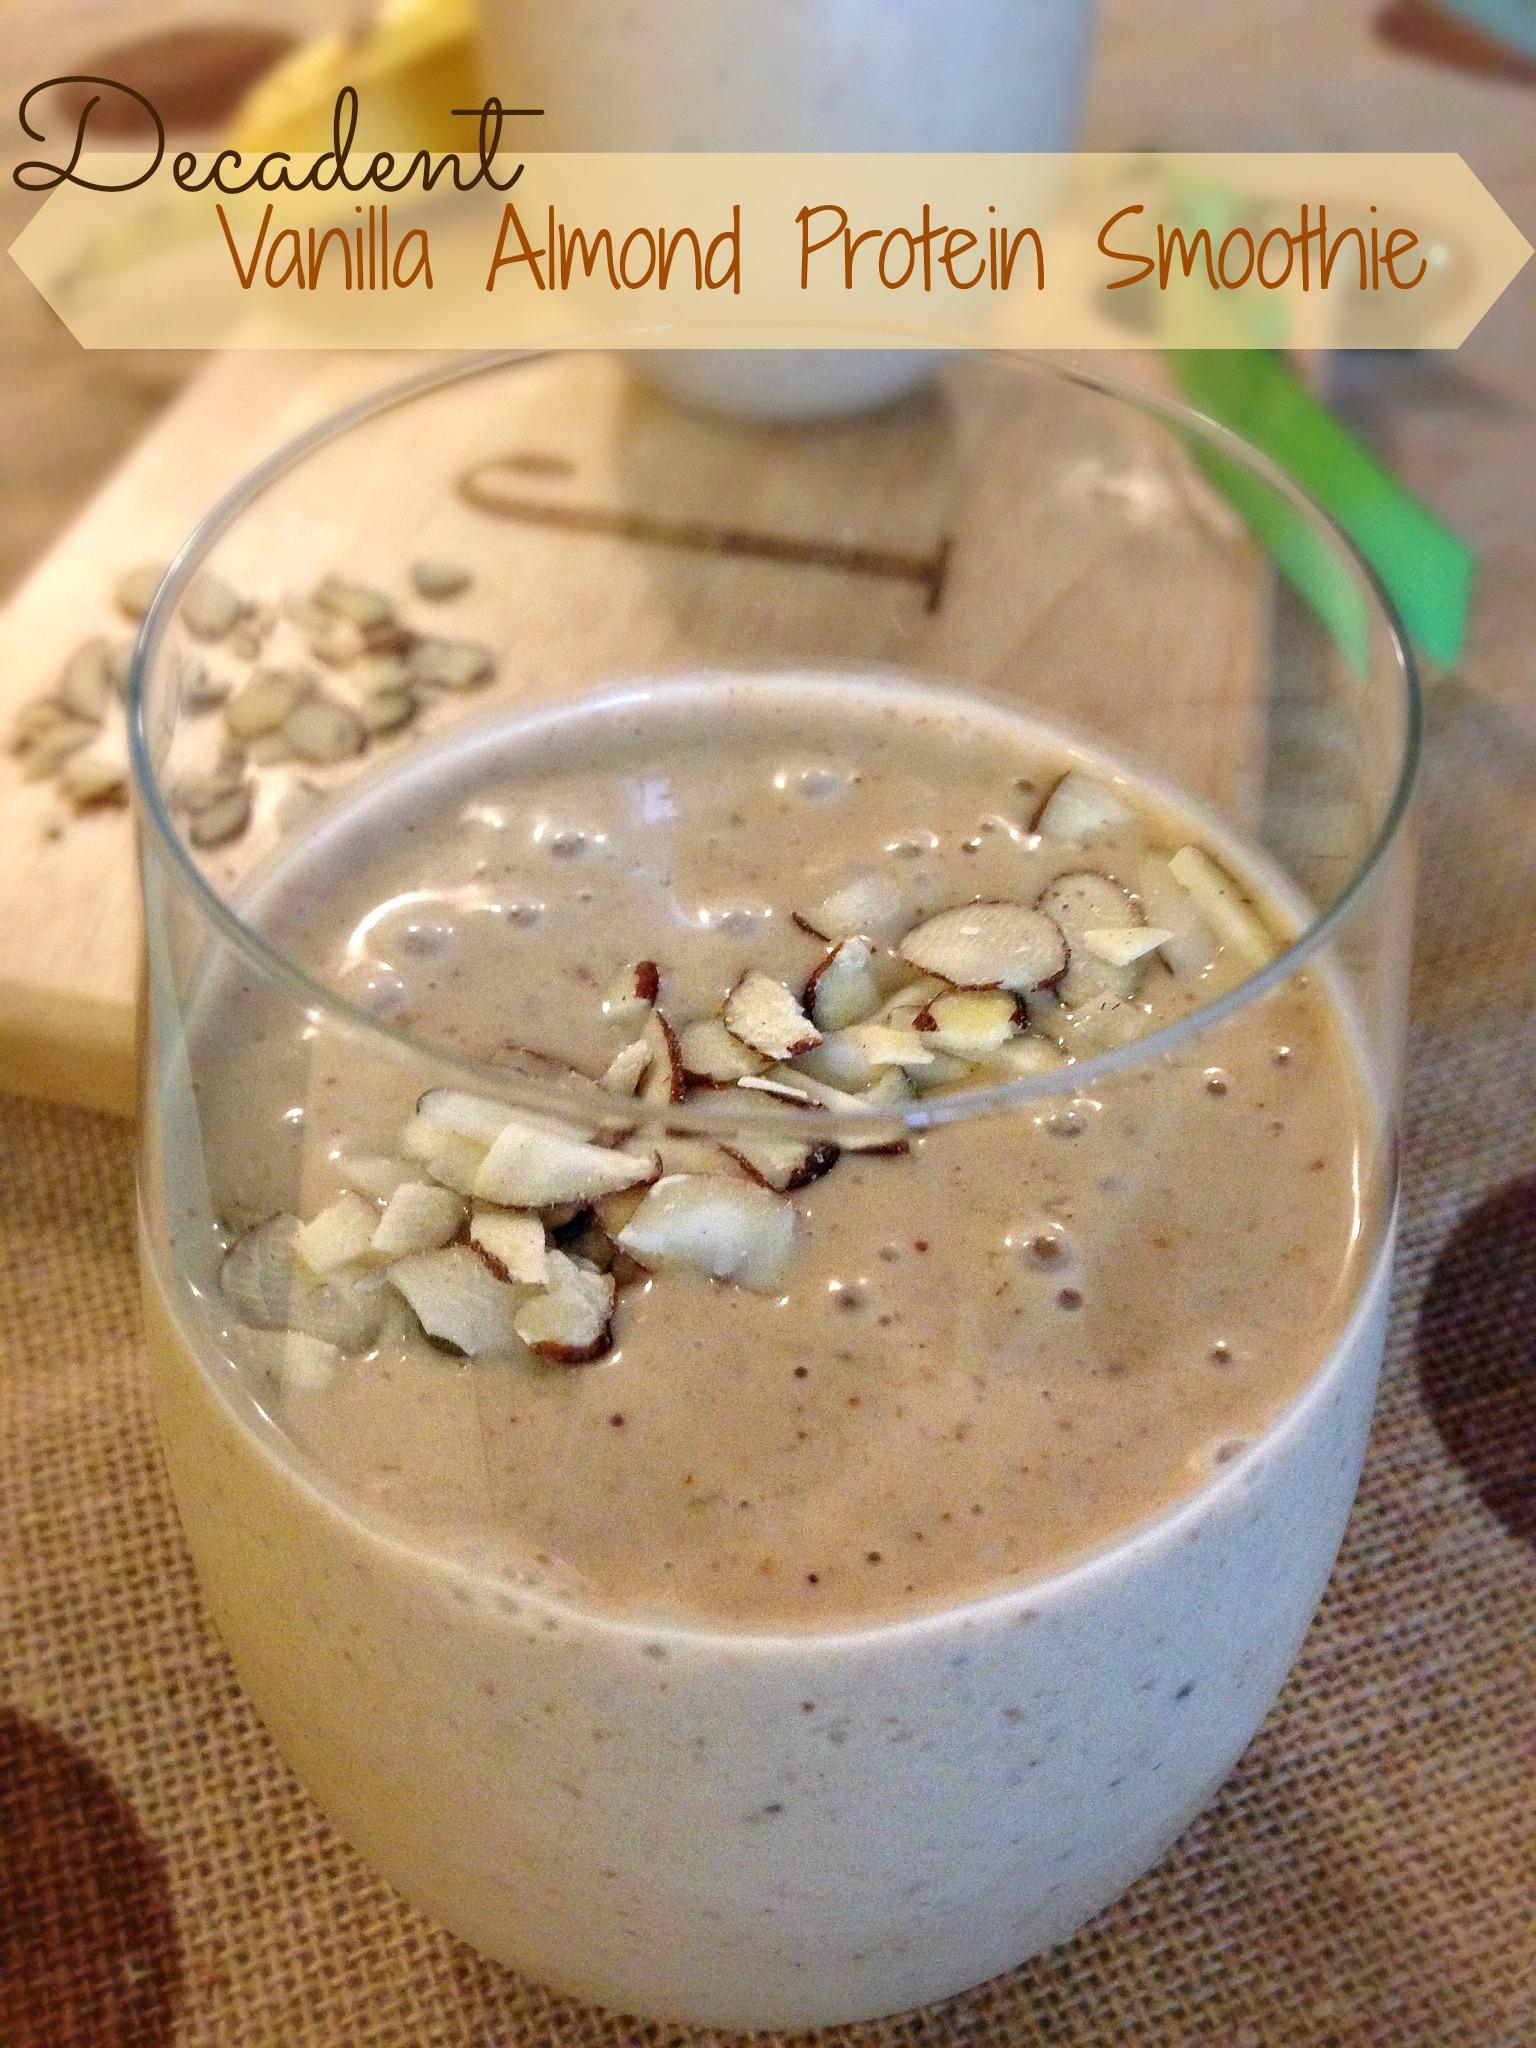 Decadent Vanilla Almond Protein Smoothie